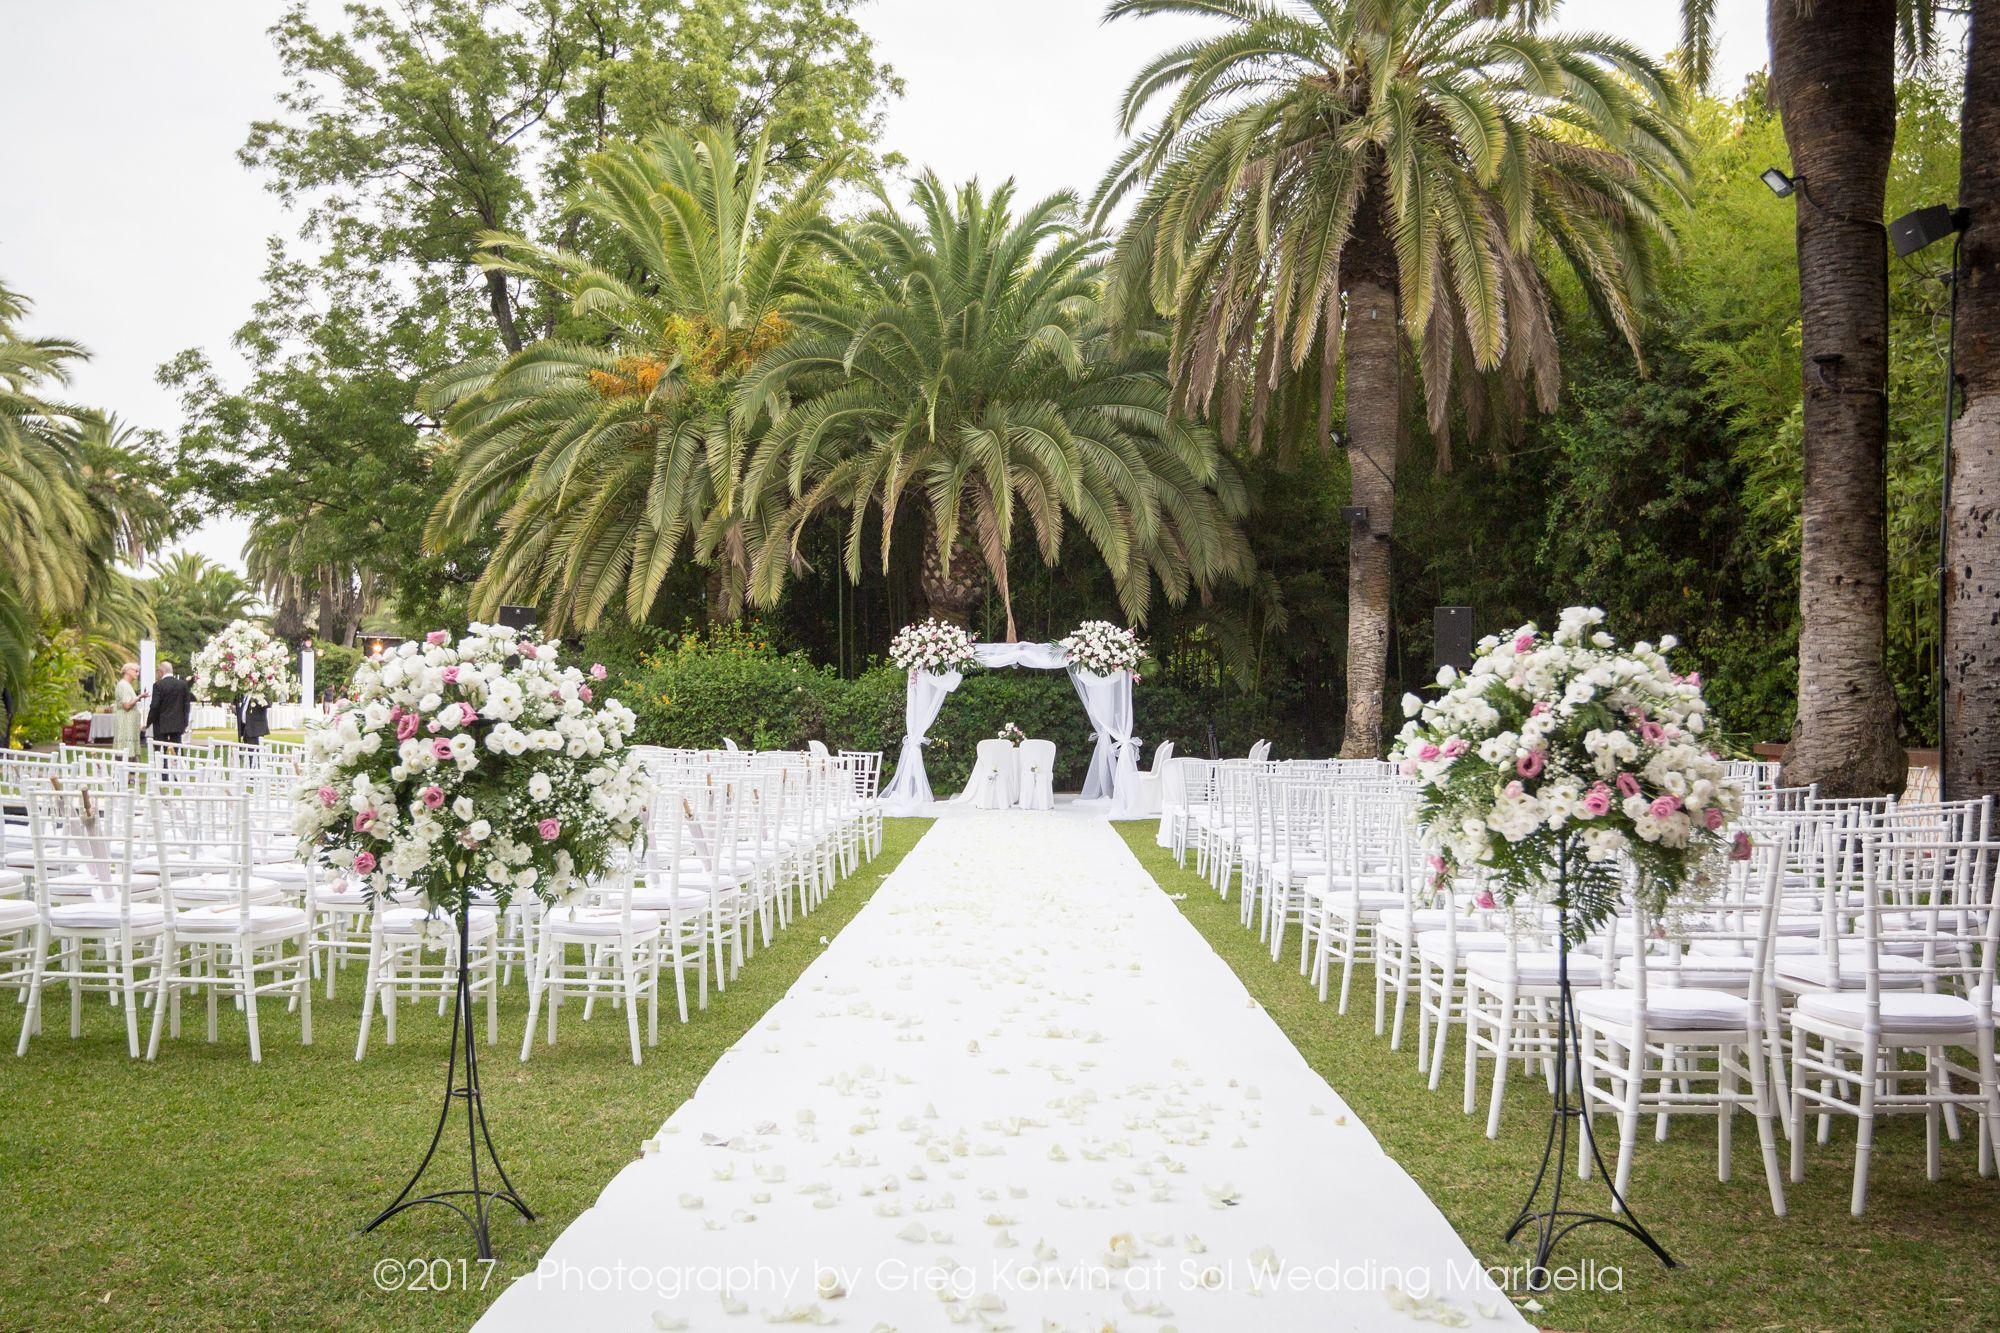 Ceremonia Boda Jewish Wedding Ceremony Finca La Concepcion Boda Ceremonias